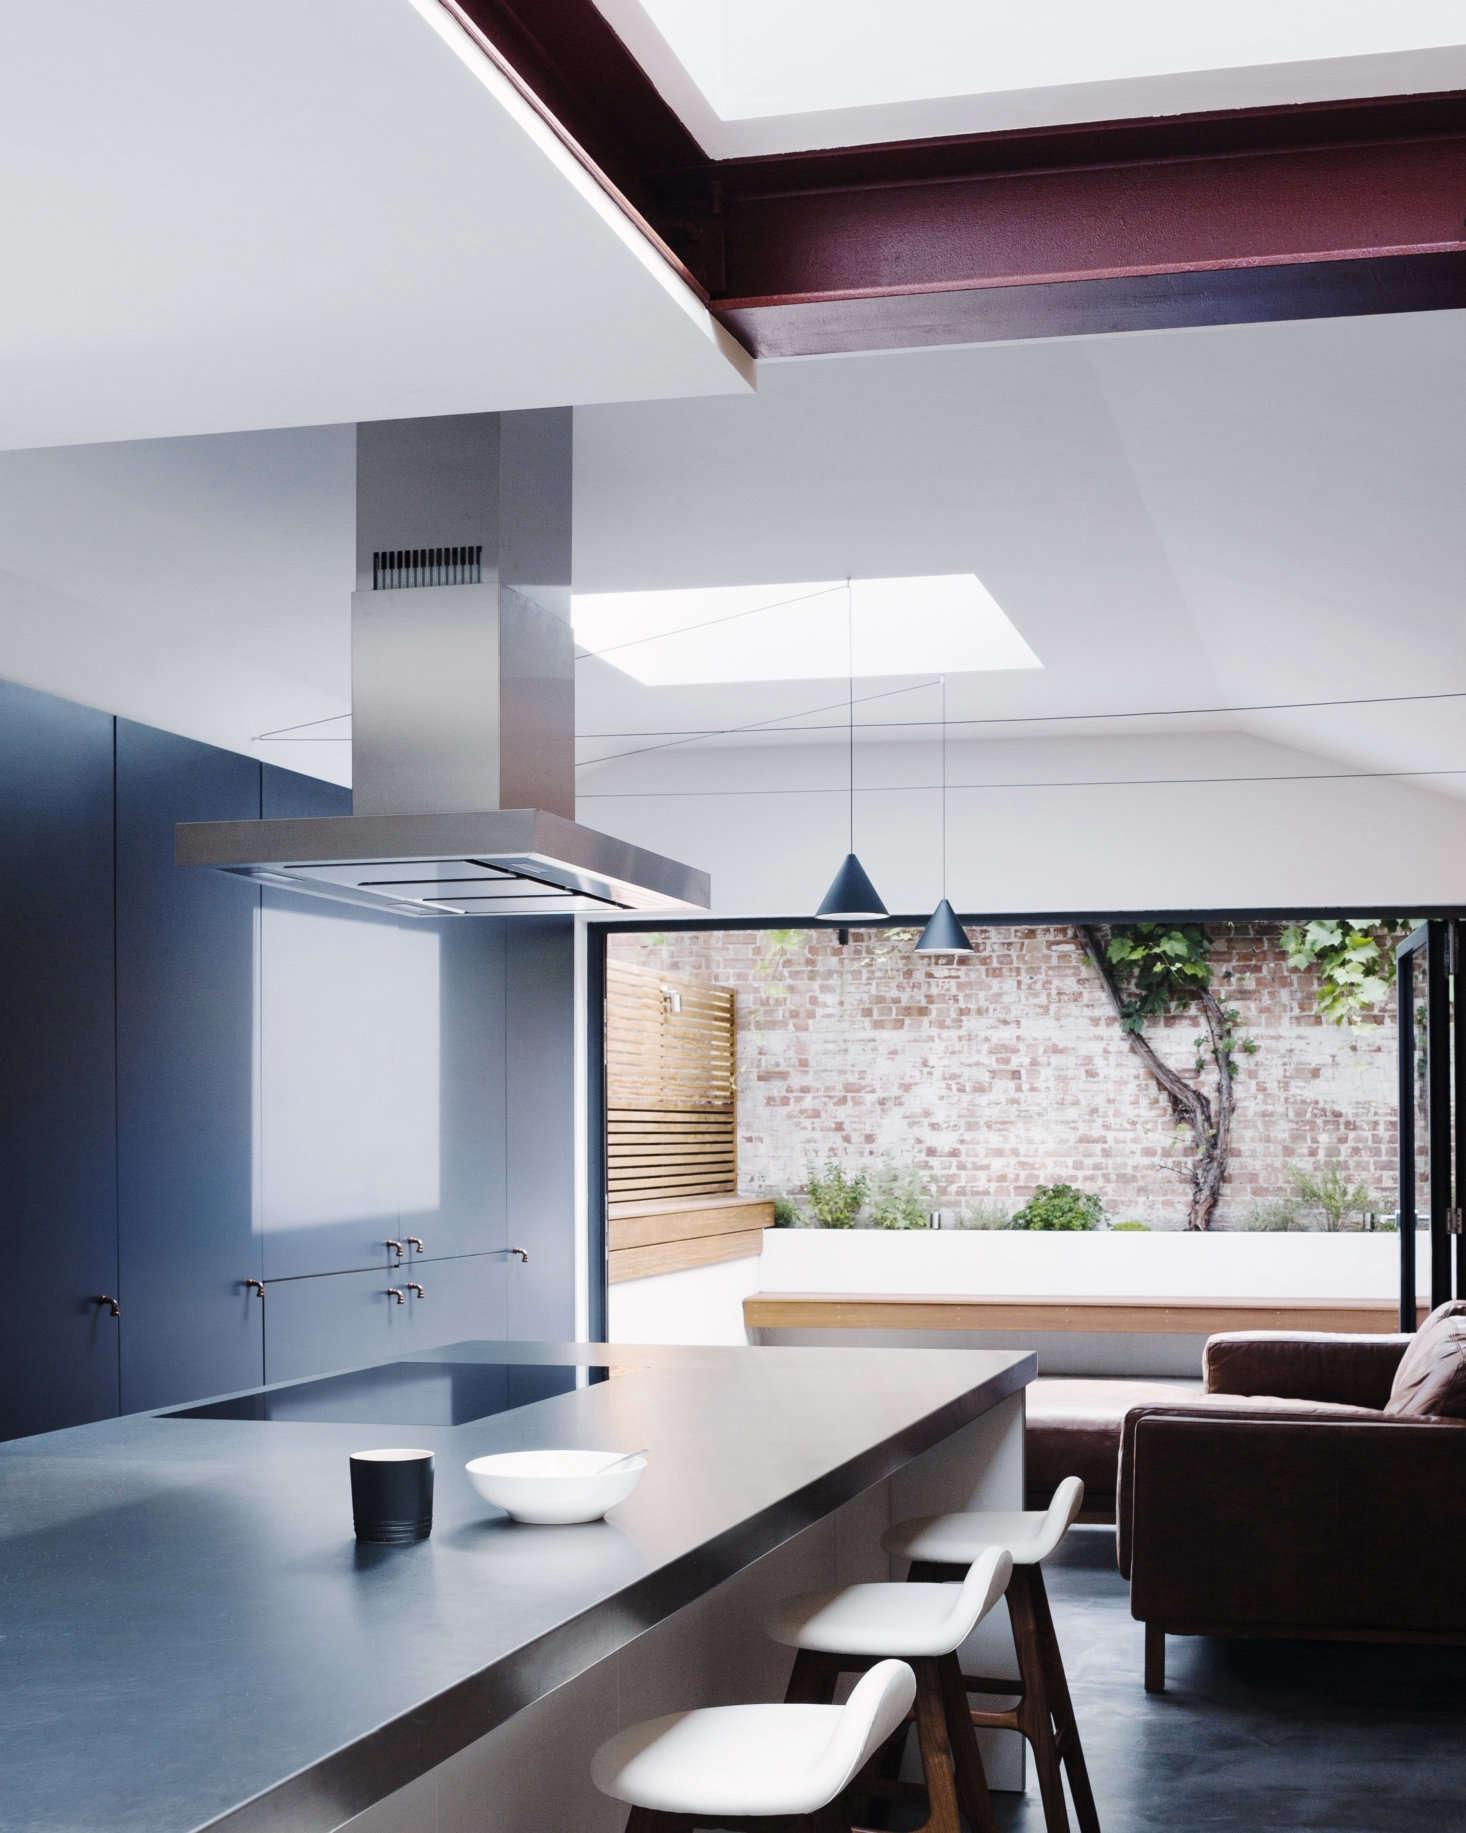 Astridge describes the south-facing kitchen as a &#8